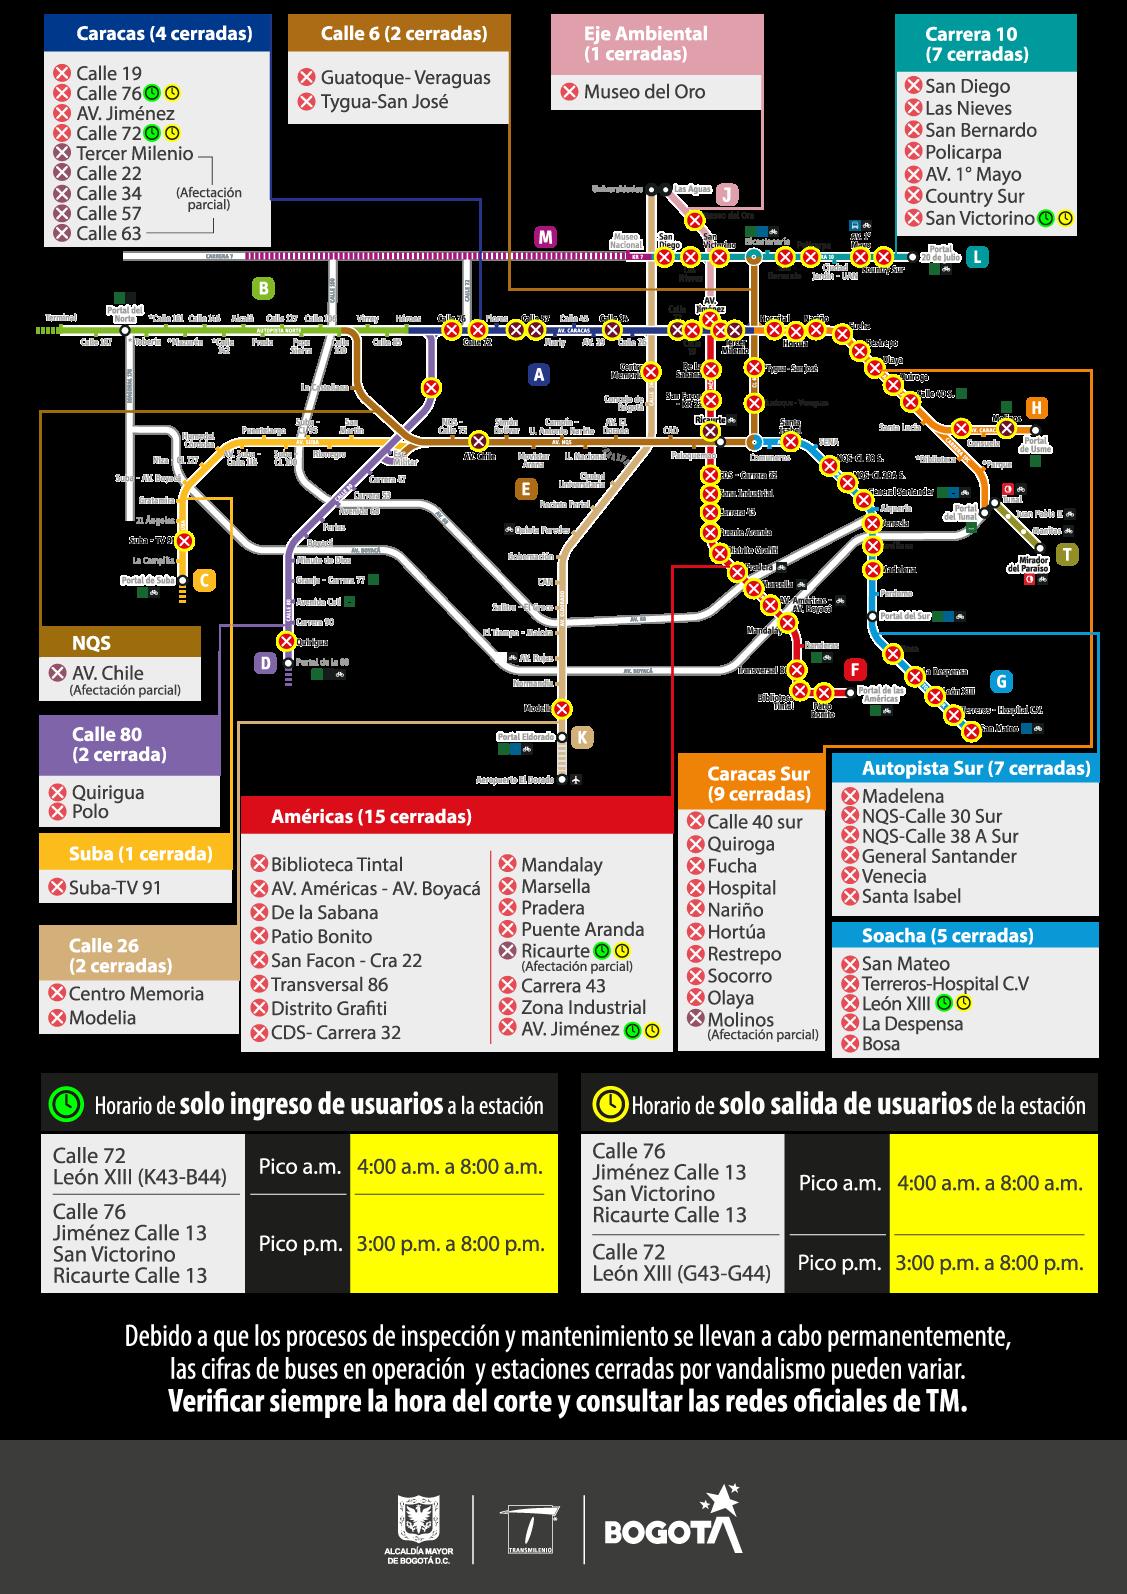 Mapa de las estaciones de TransMilenio habilitadas